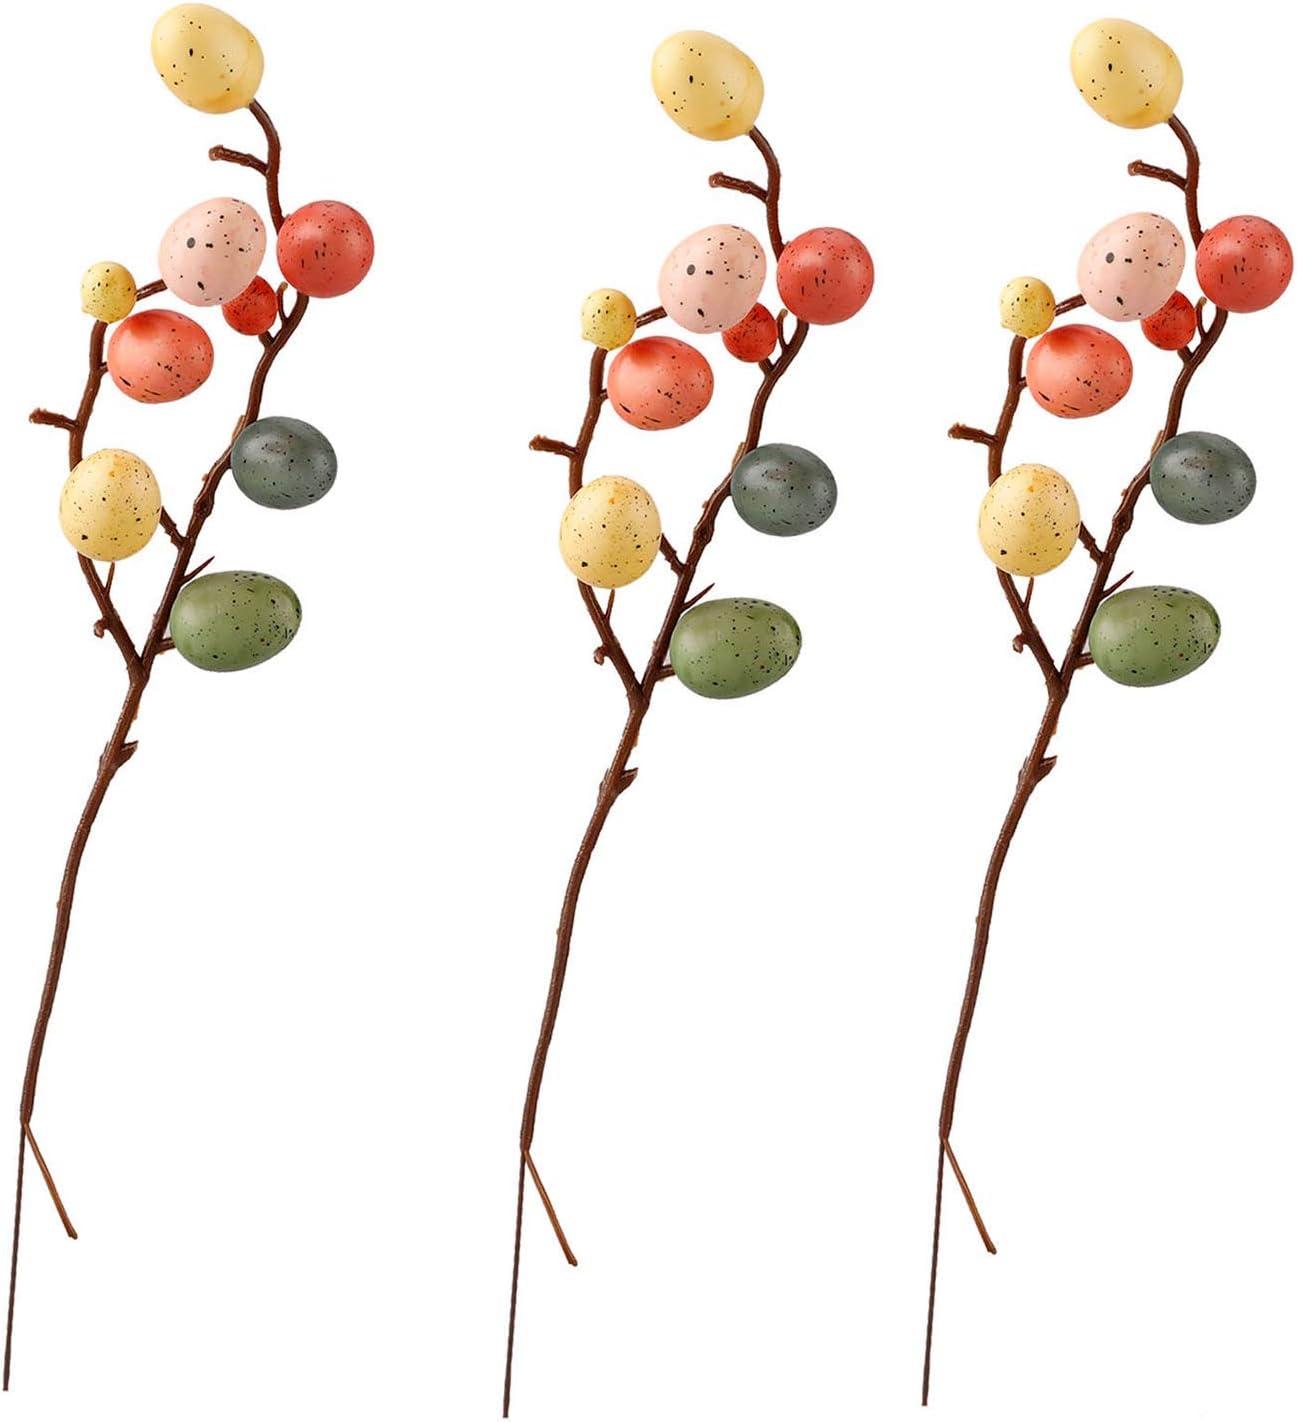 ZHISHENG Lot de 10 branches d/œufs de P/âques artificielles pour d/écoration int/érieure et ext/érieure